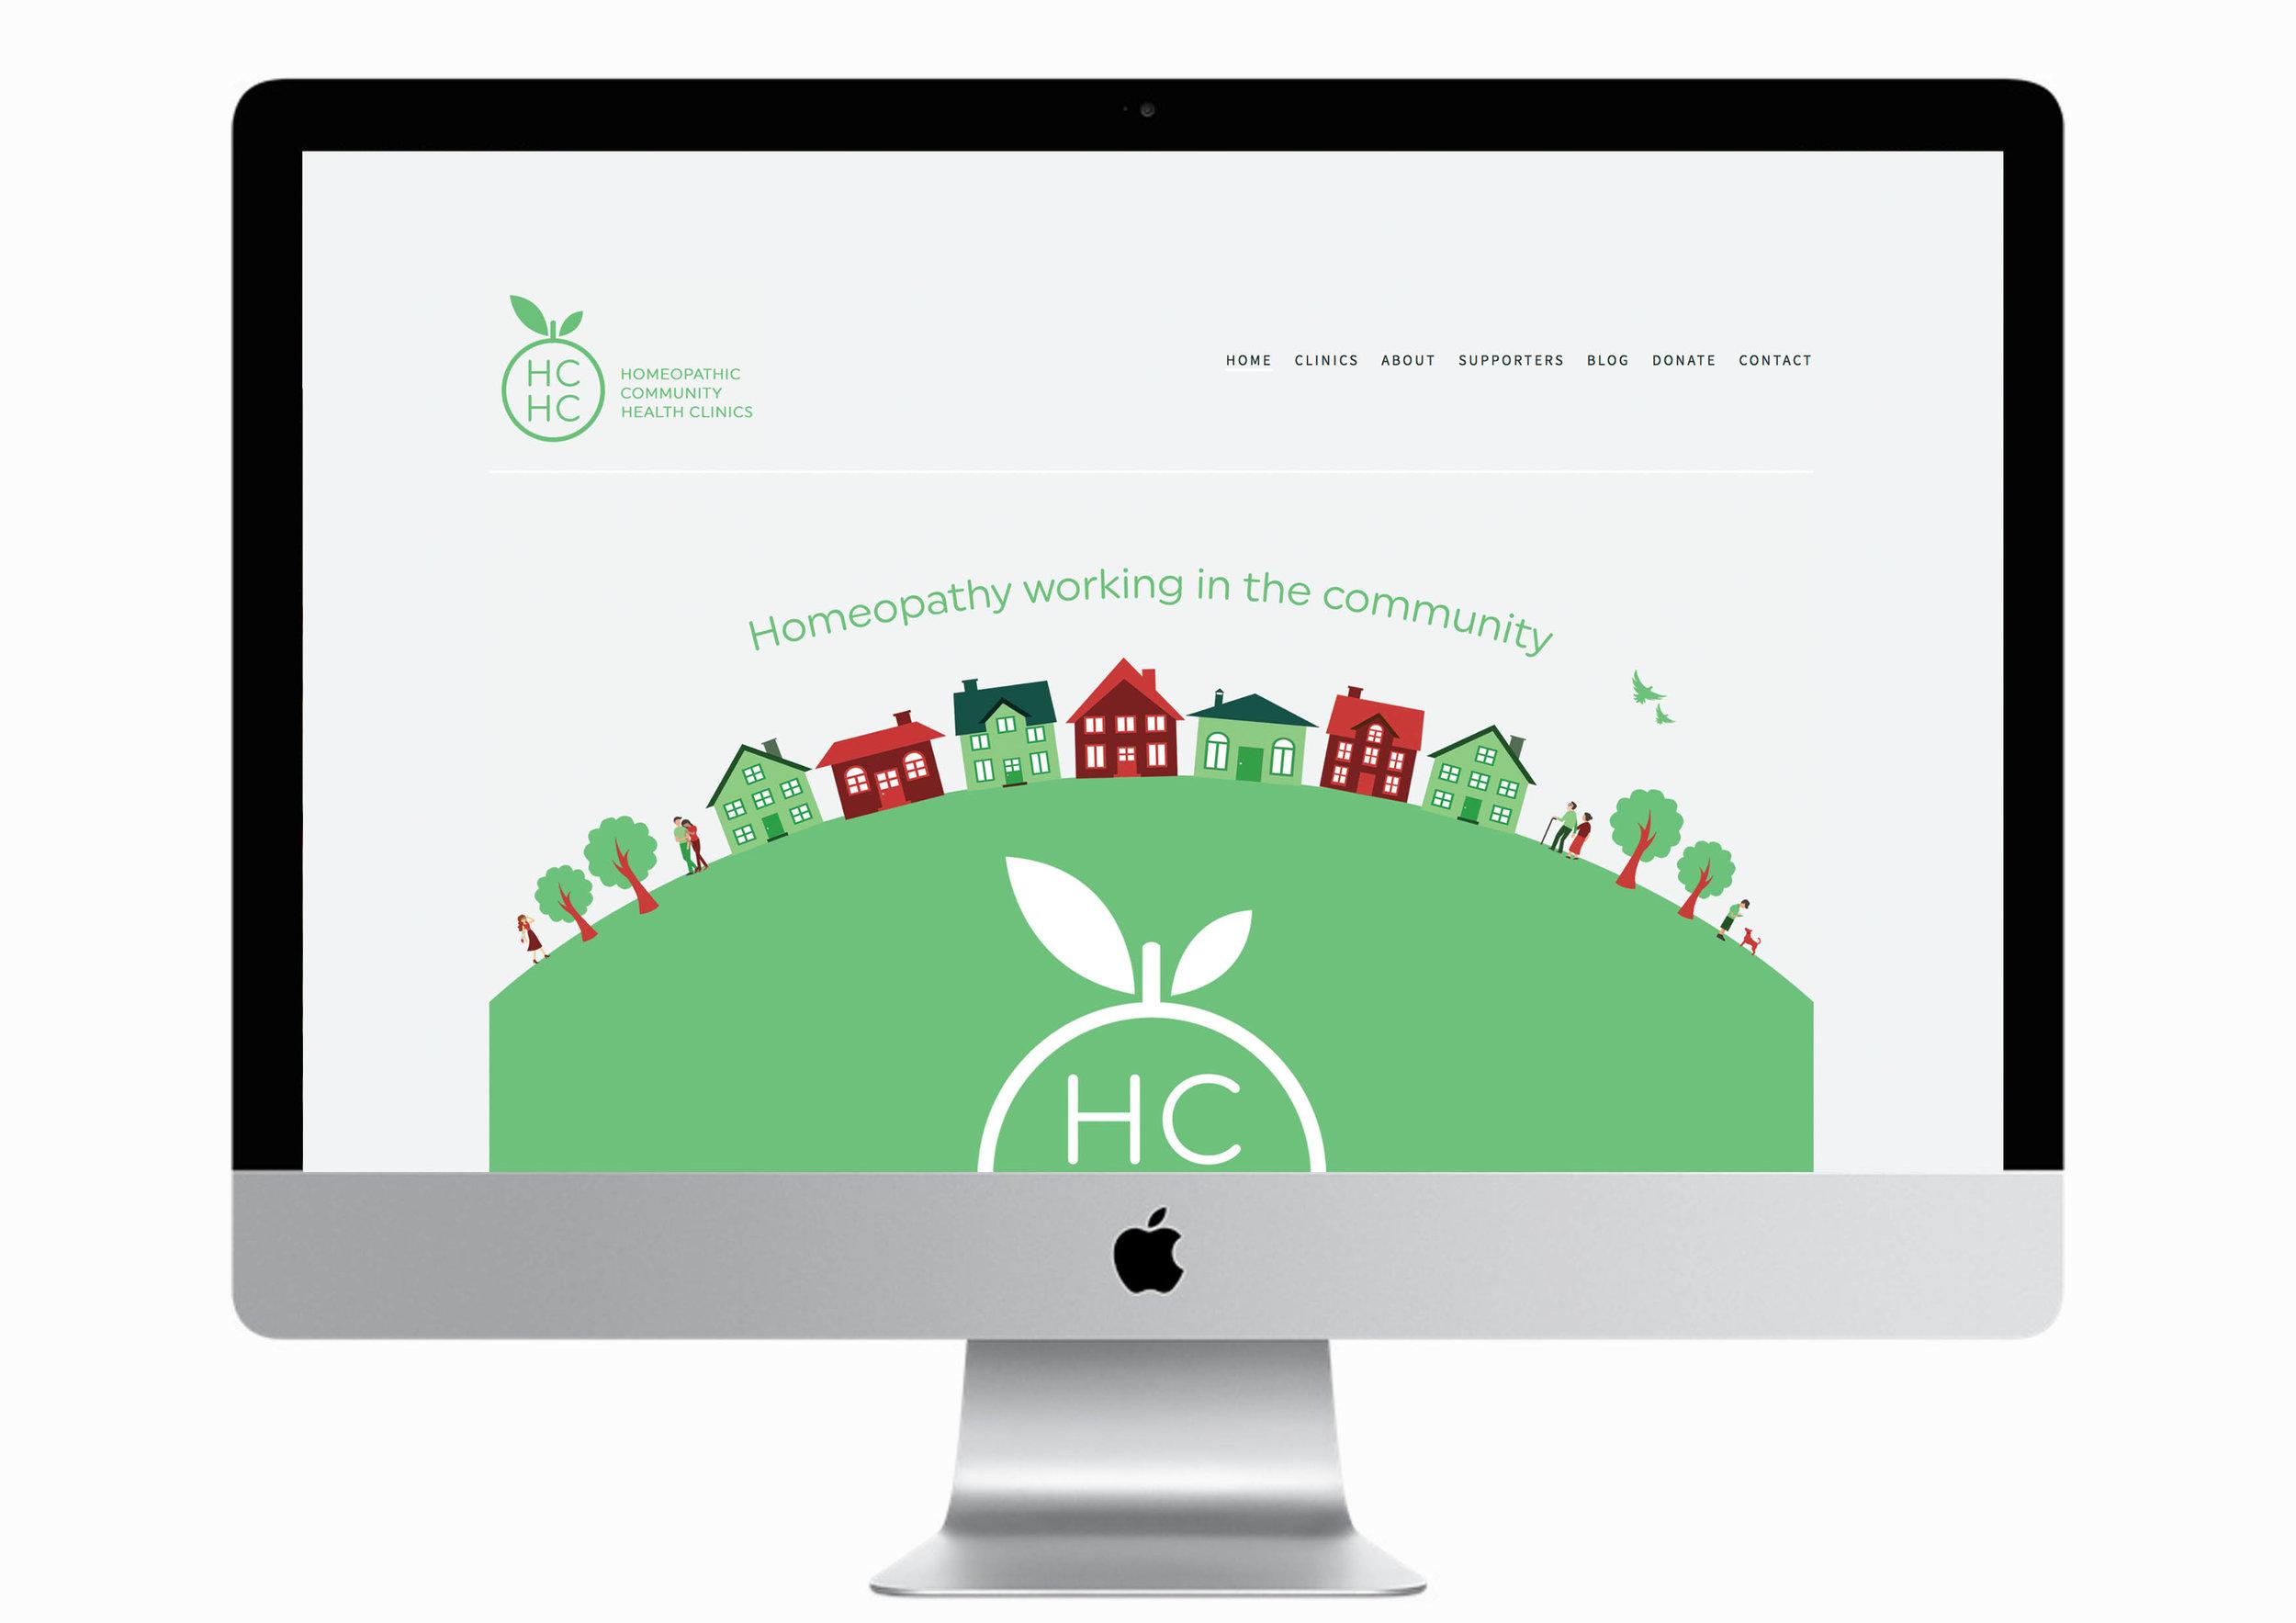 HCHC.jpg